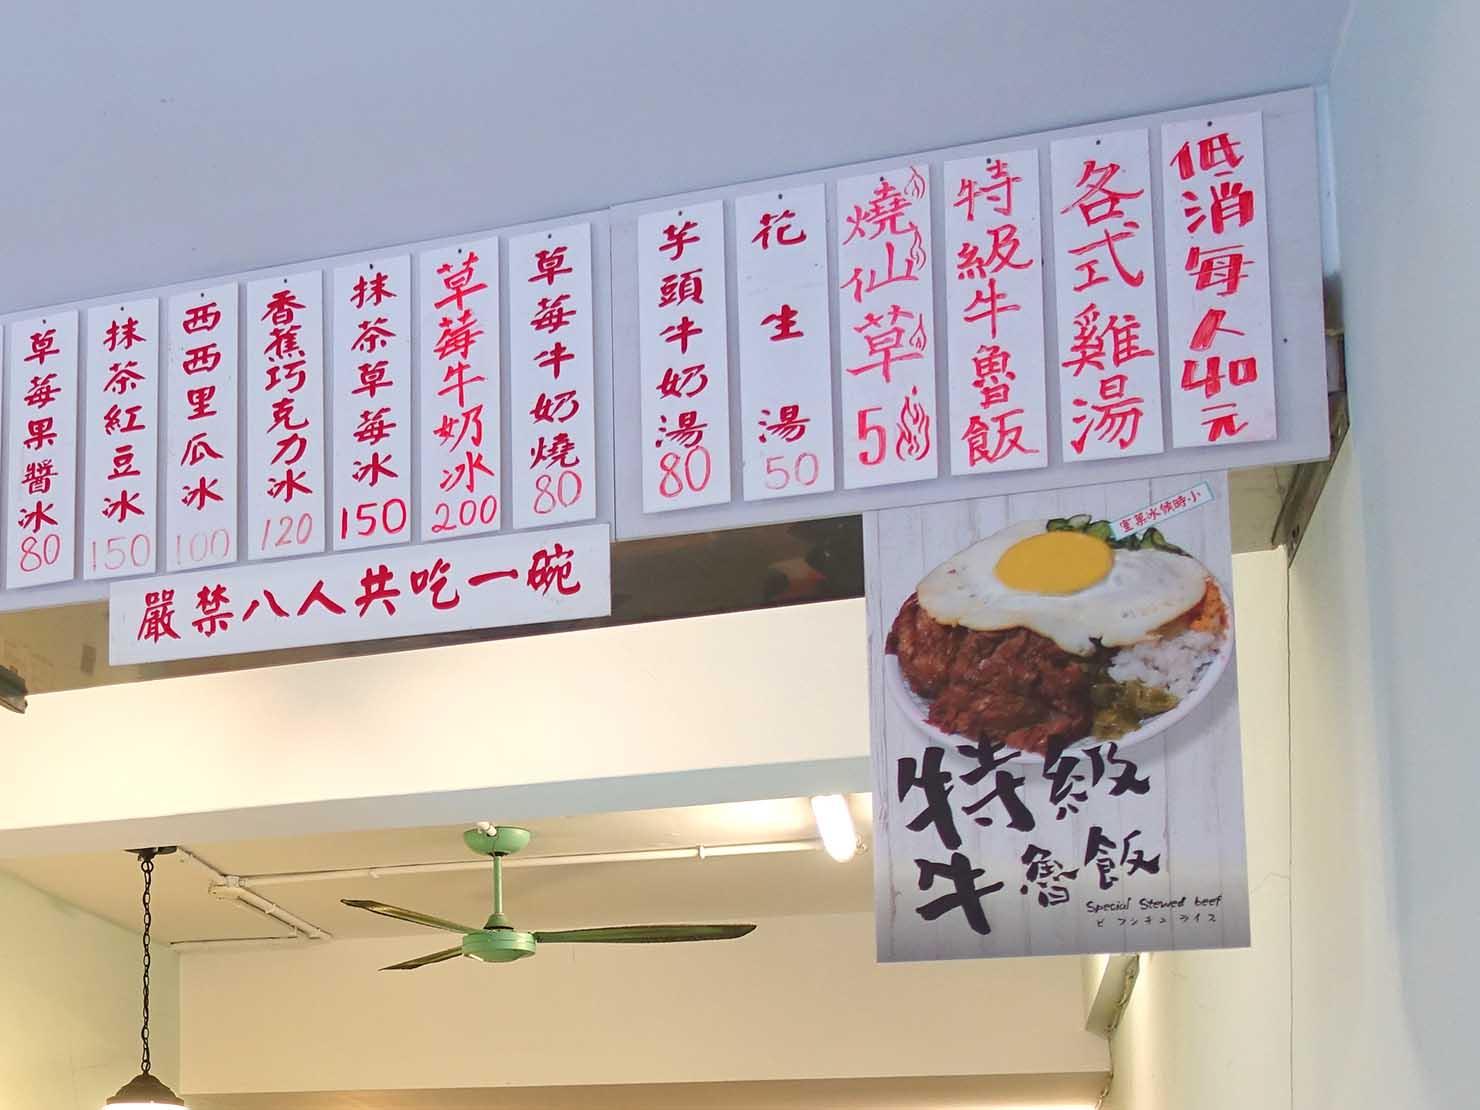 台北・忠孝敦化駅(東區)のおすすめグルメ店「小時候冰菓室」のメニュー